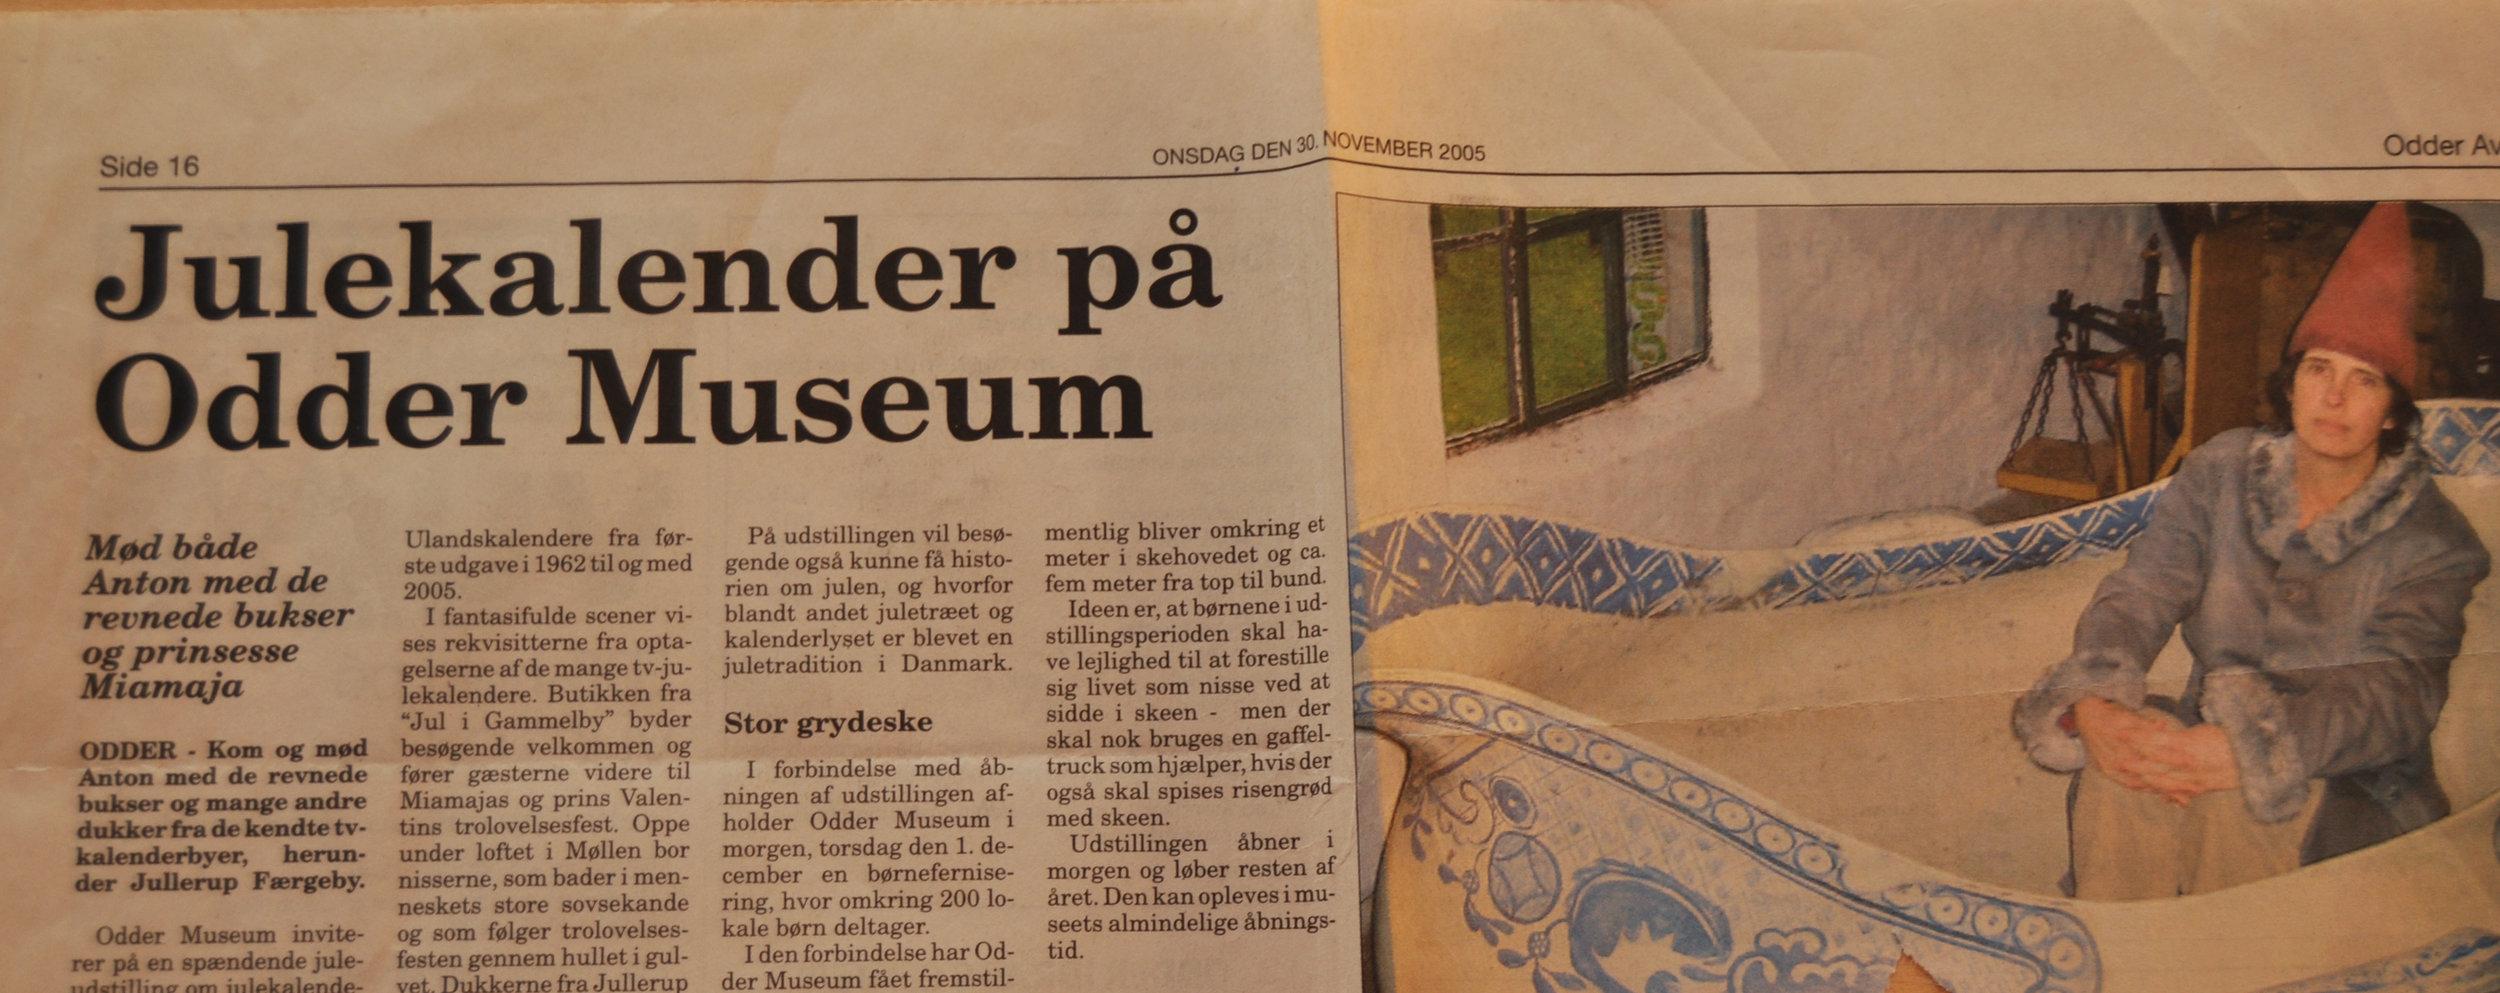 Udstillingsleder - Odder Museum - DR' Julekalender gennem tiden 2005